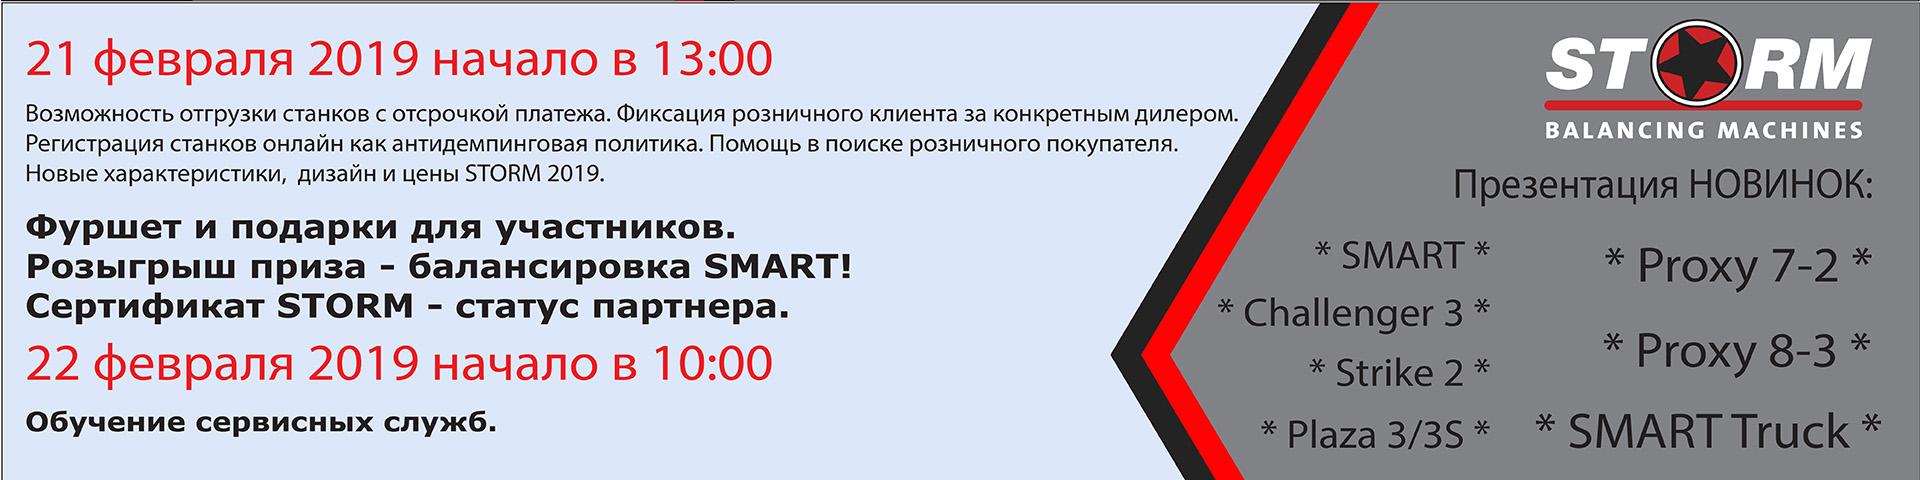 Приглашаем на семинар 21 февраля в Санкт-Петербурге